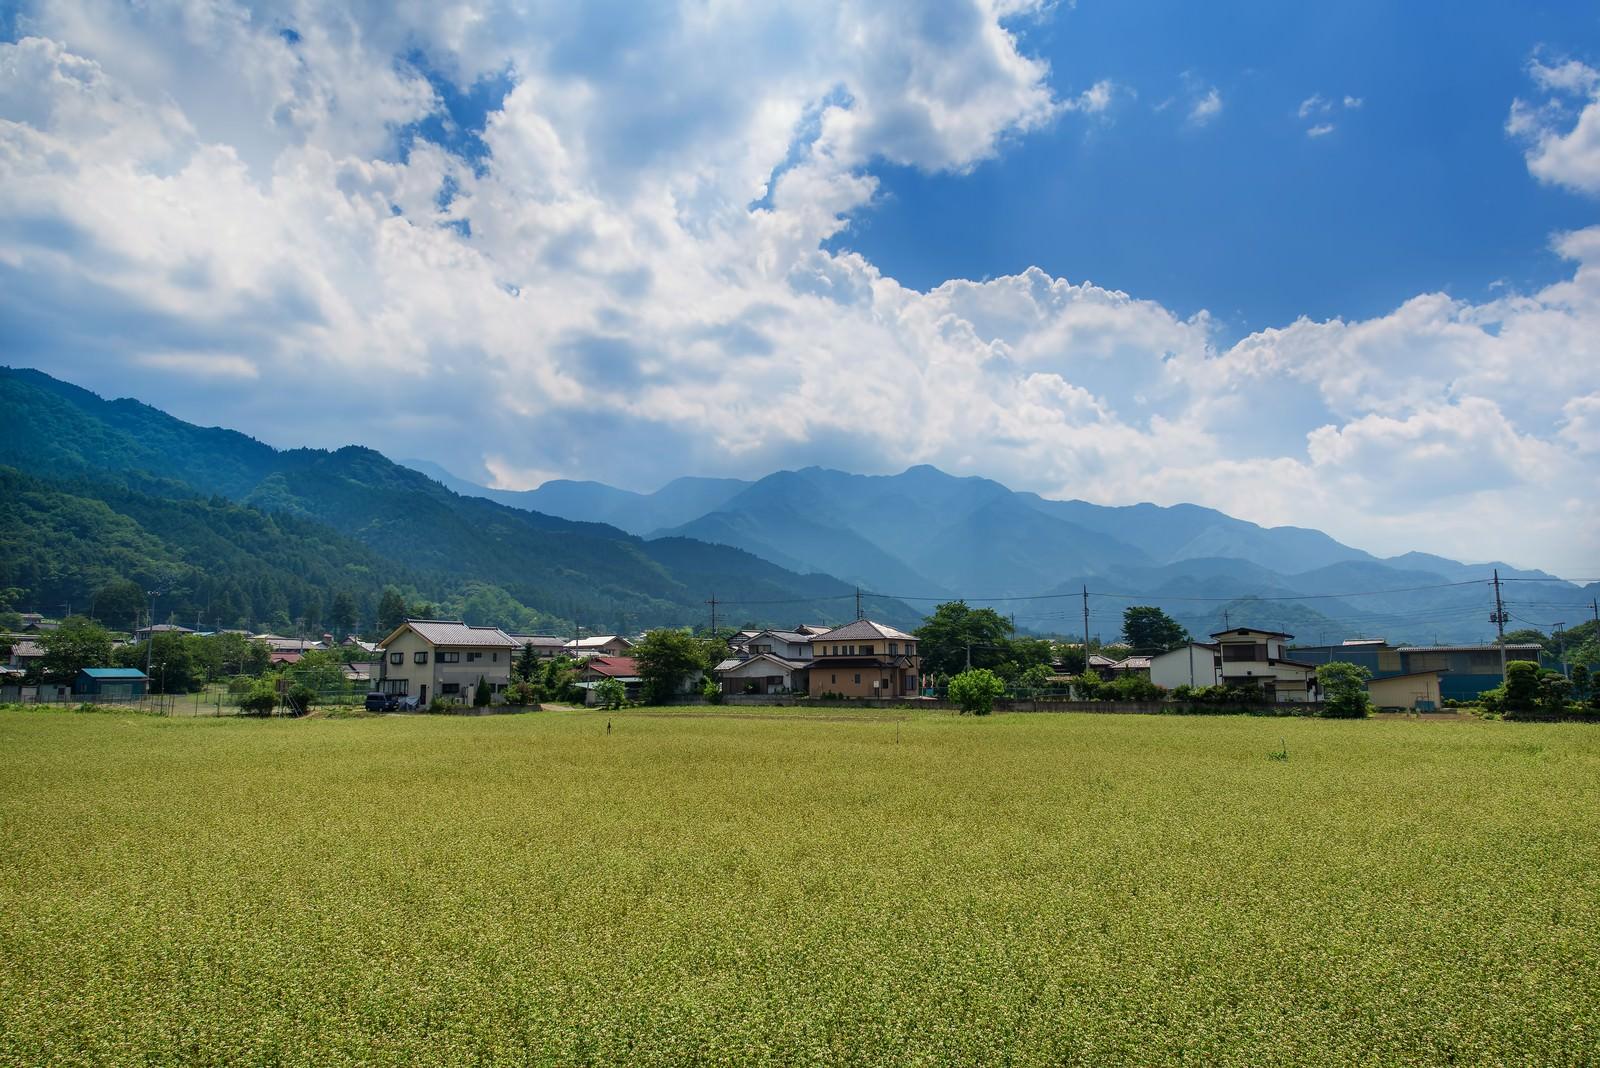 田んぼと田舎の風景 無料の写真素材はフリー素材のぱくたそ